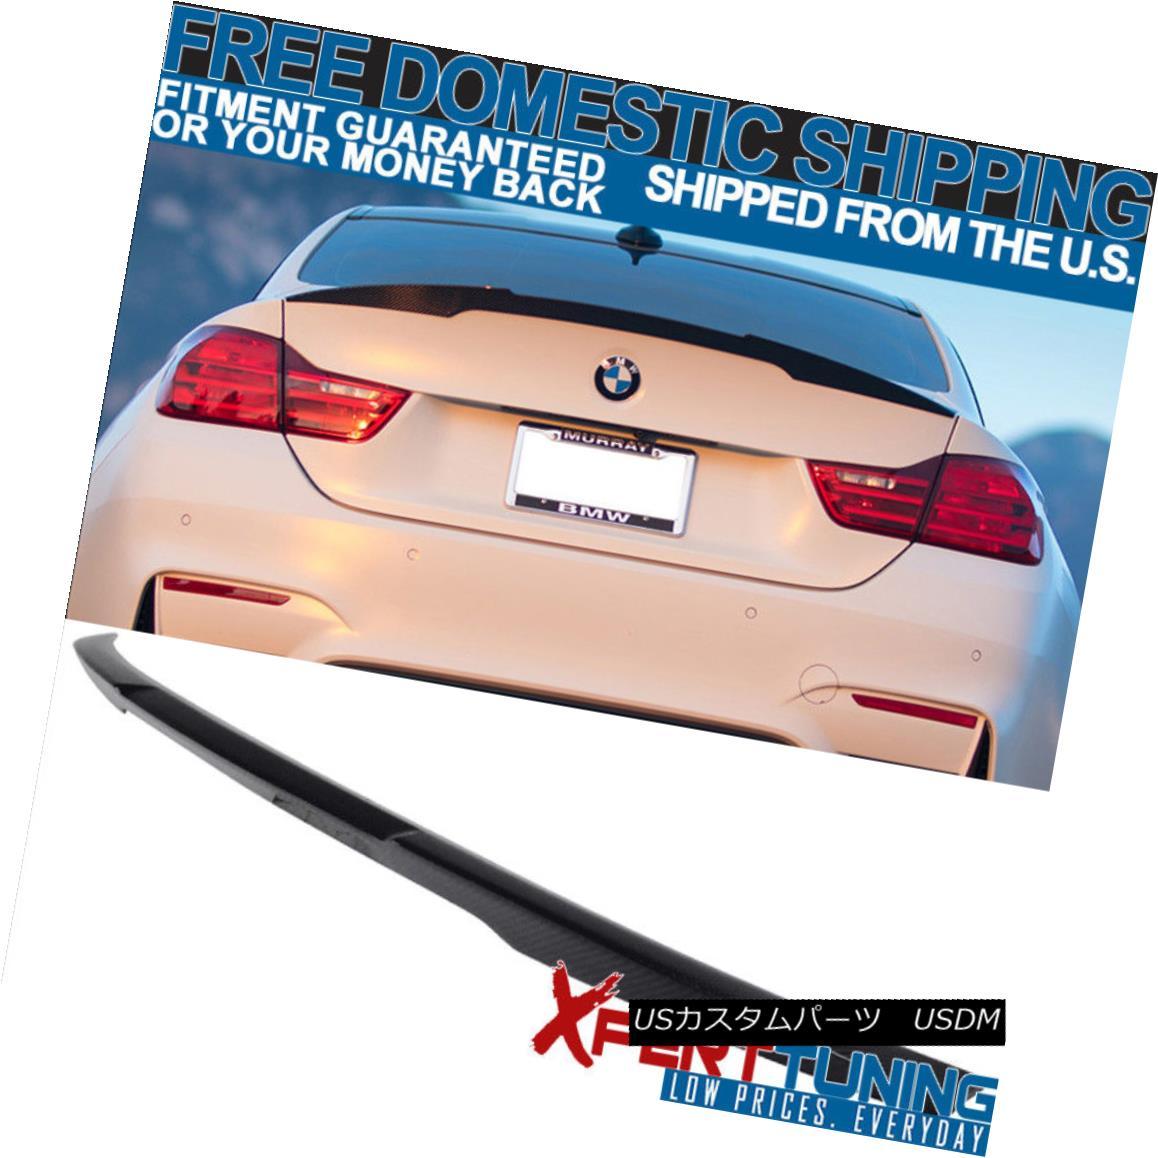 エアロパーツ Open Box Fits 15-17 BMW F82 M4 Coupe Performance Trunk Spoiler Carbon Fiber CF オープンボックス15-17 BMW F82 M4クーペパフォーマンストランクスポイラー炭素繊維CFに適合